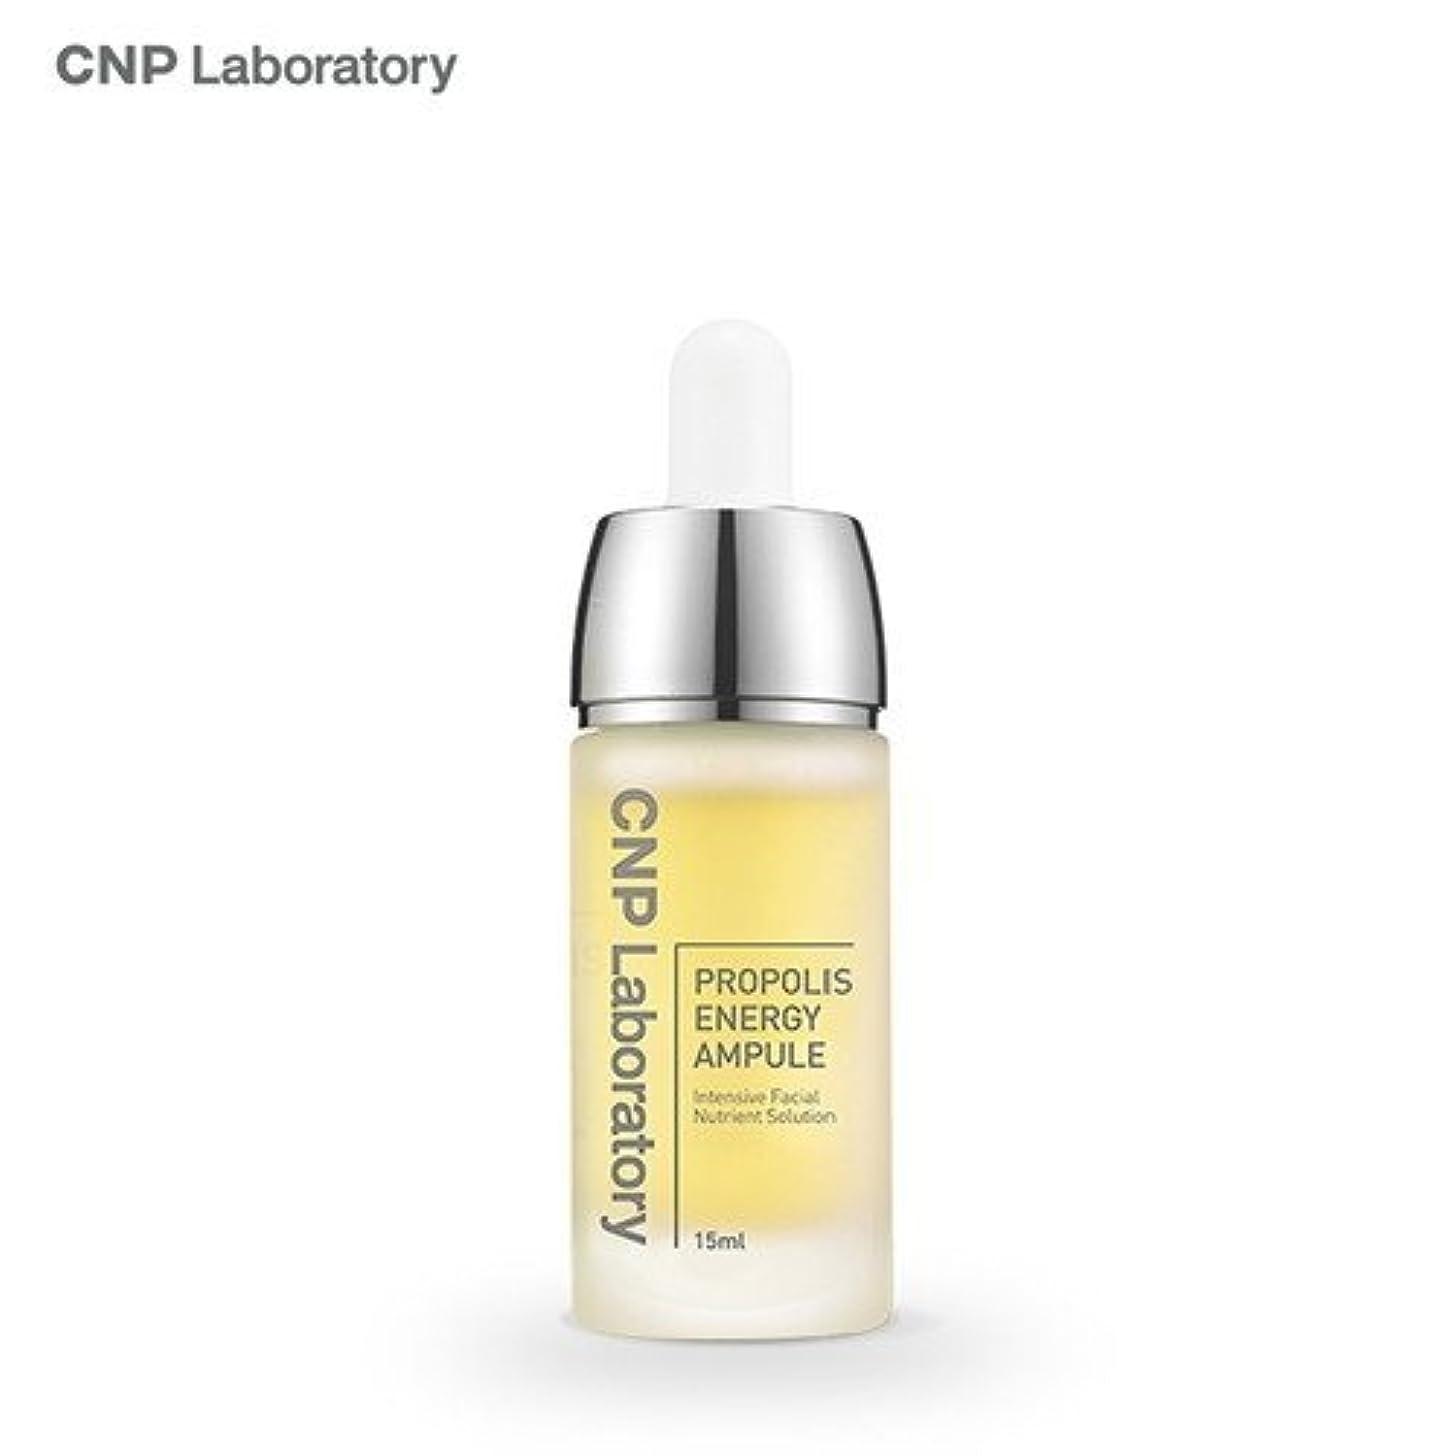 子音掻く仮説チャエンパク プロポリスエネルギーアンプル 15ml / CNP Propolis Energy Ampule, Intensive Facial Nutrient Solution 15ml